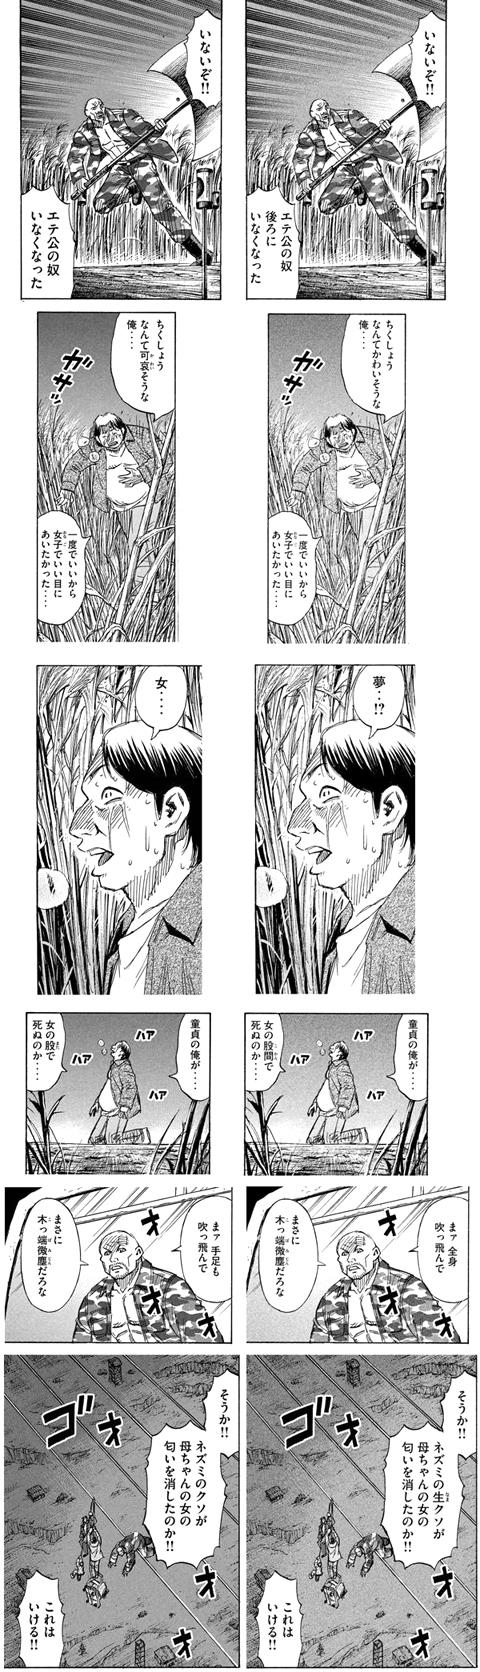 higanjima_17010902.jpg